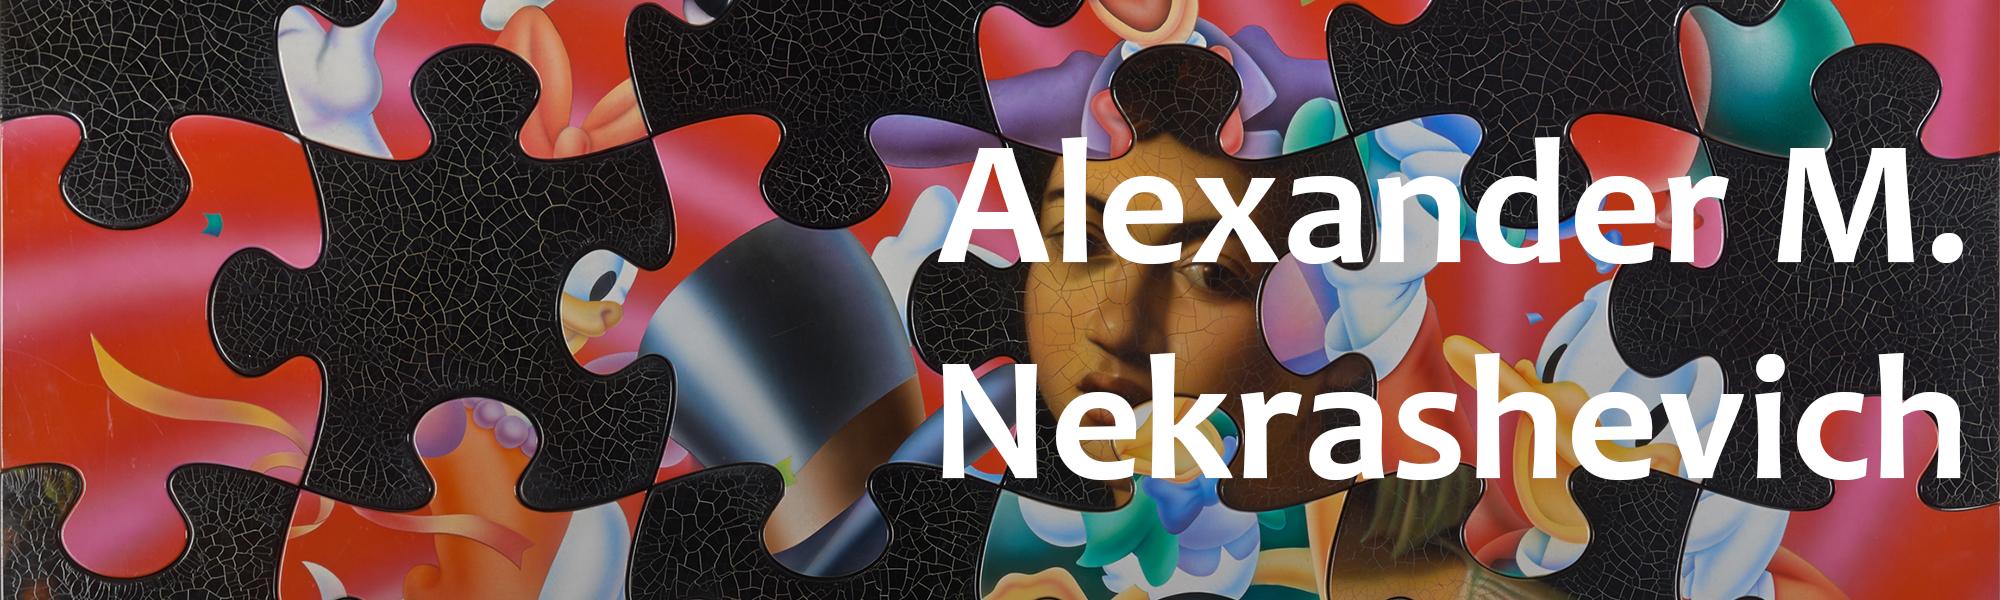 Alexander M. Nekrashevich